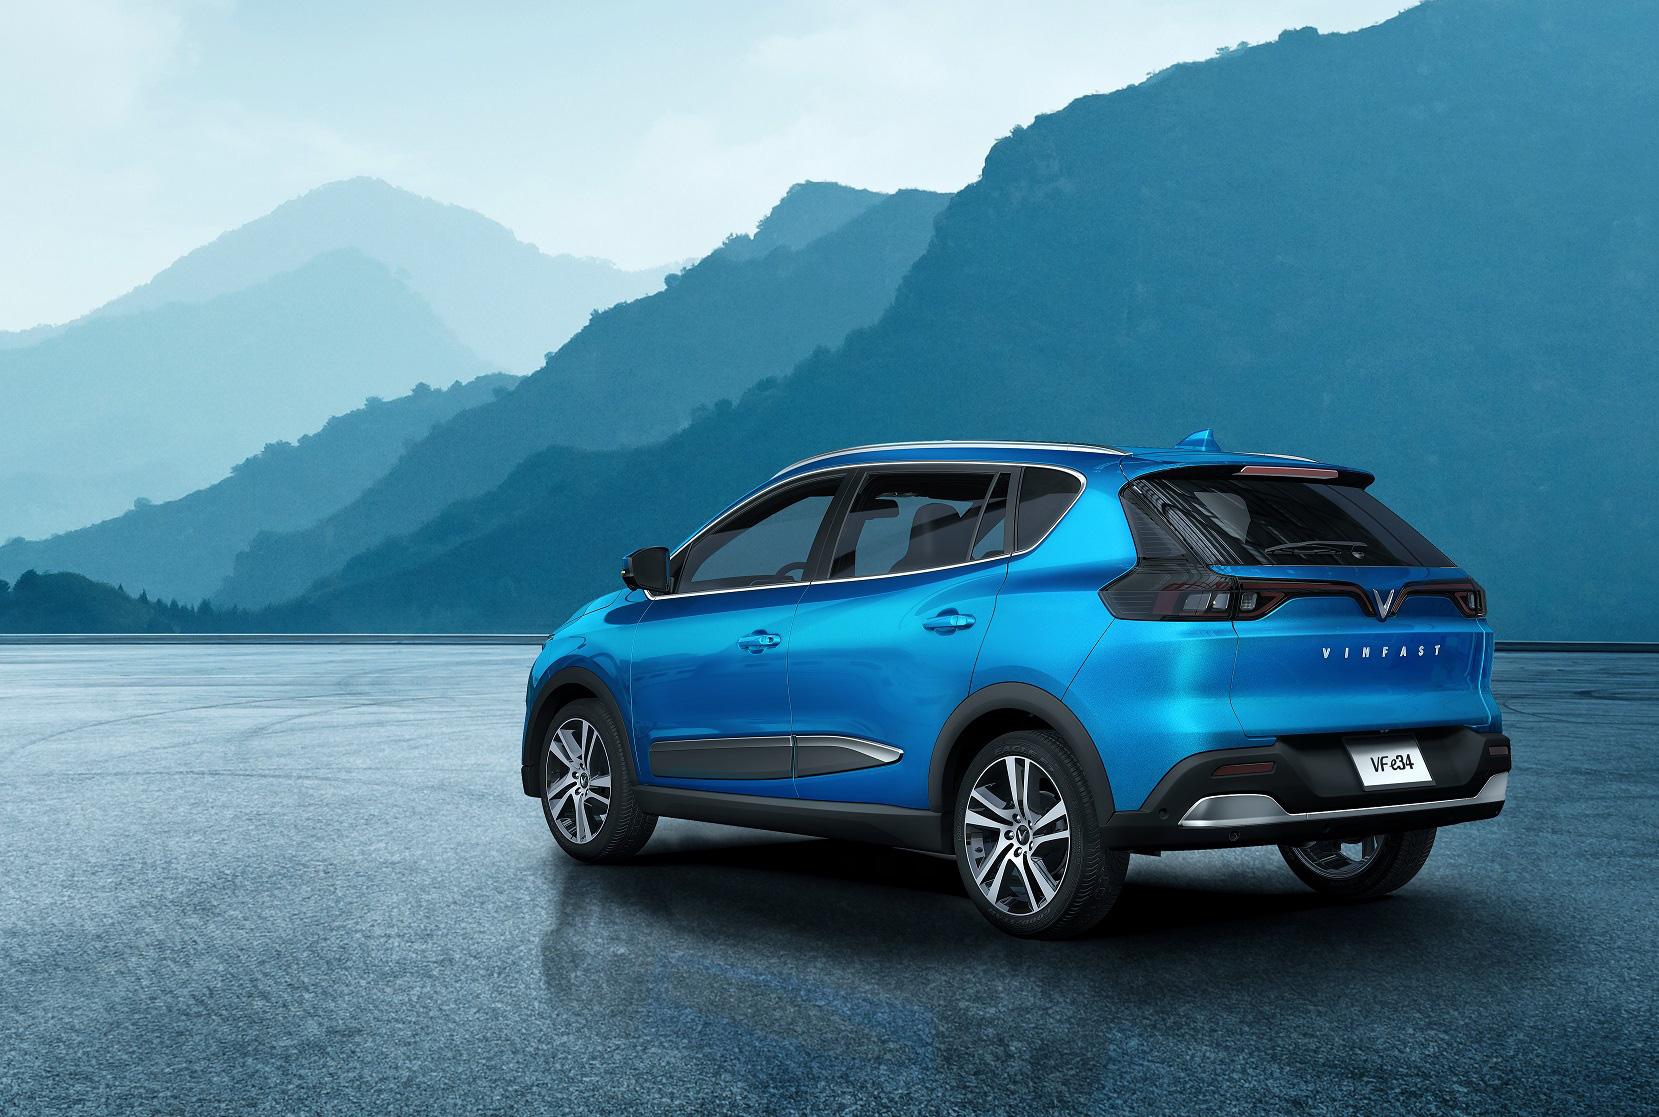 Chuyên gia giải thích tận gốc lí do ô tô điện thân thiện với môi trường hơn xe xăng - Ảnh 2.